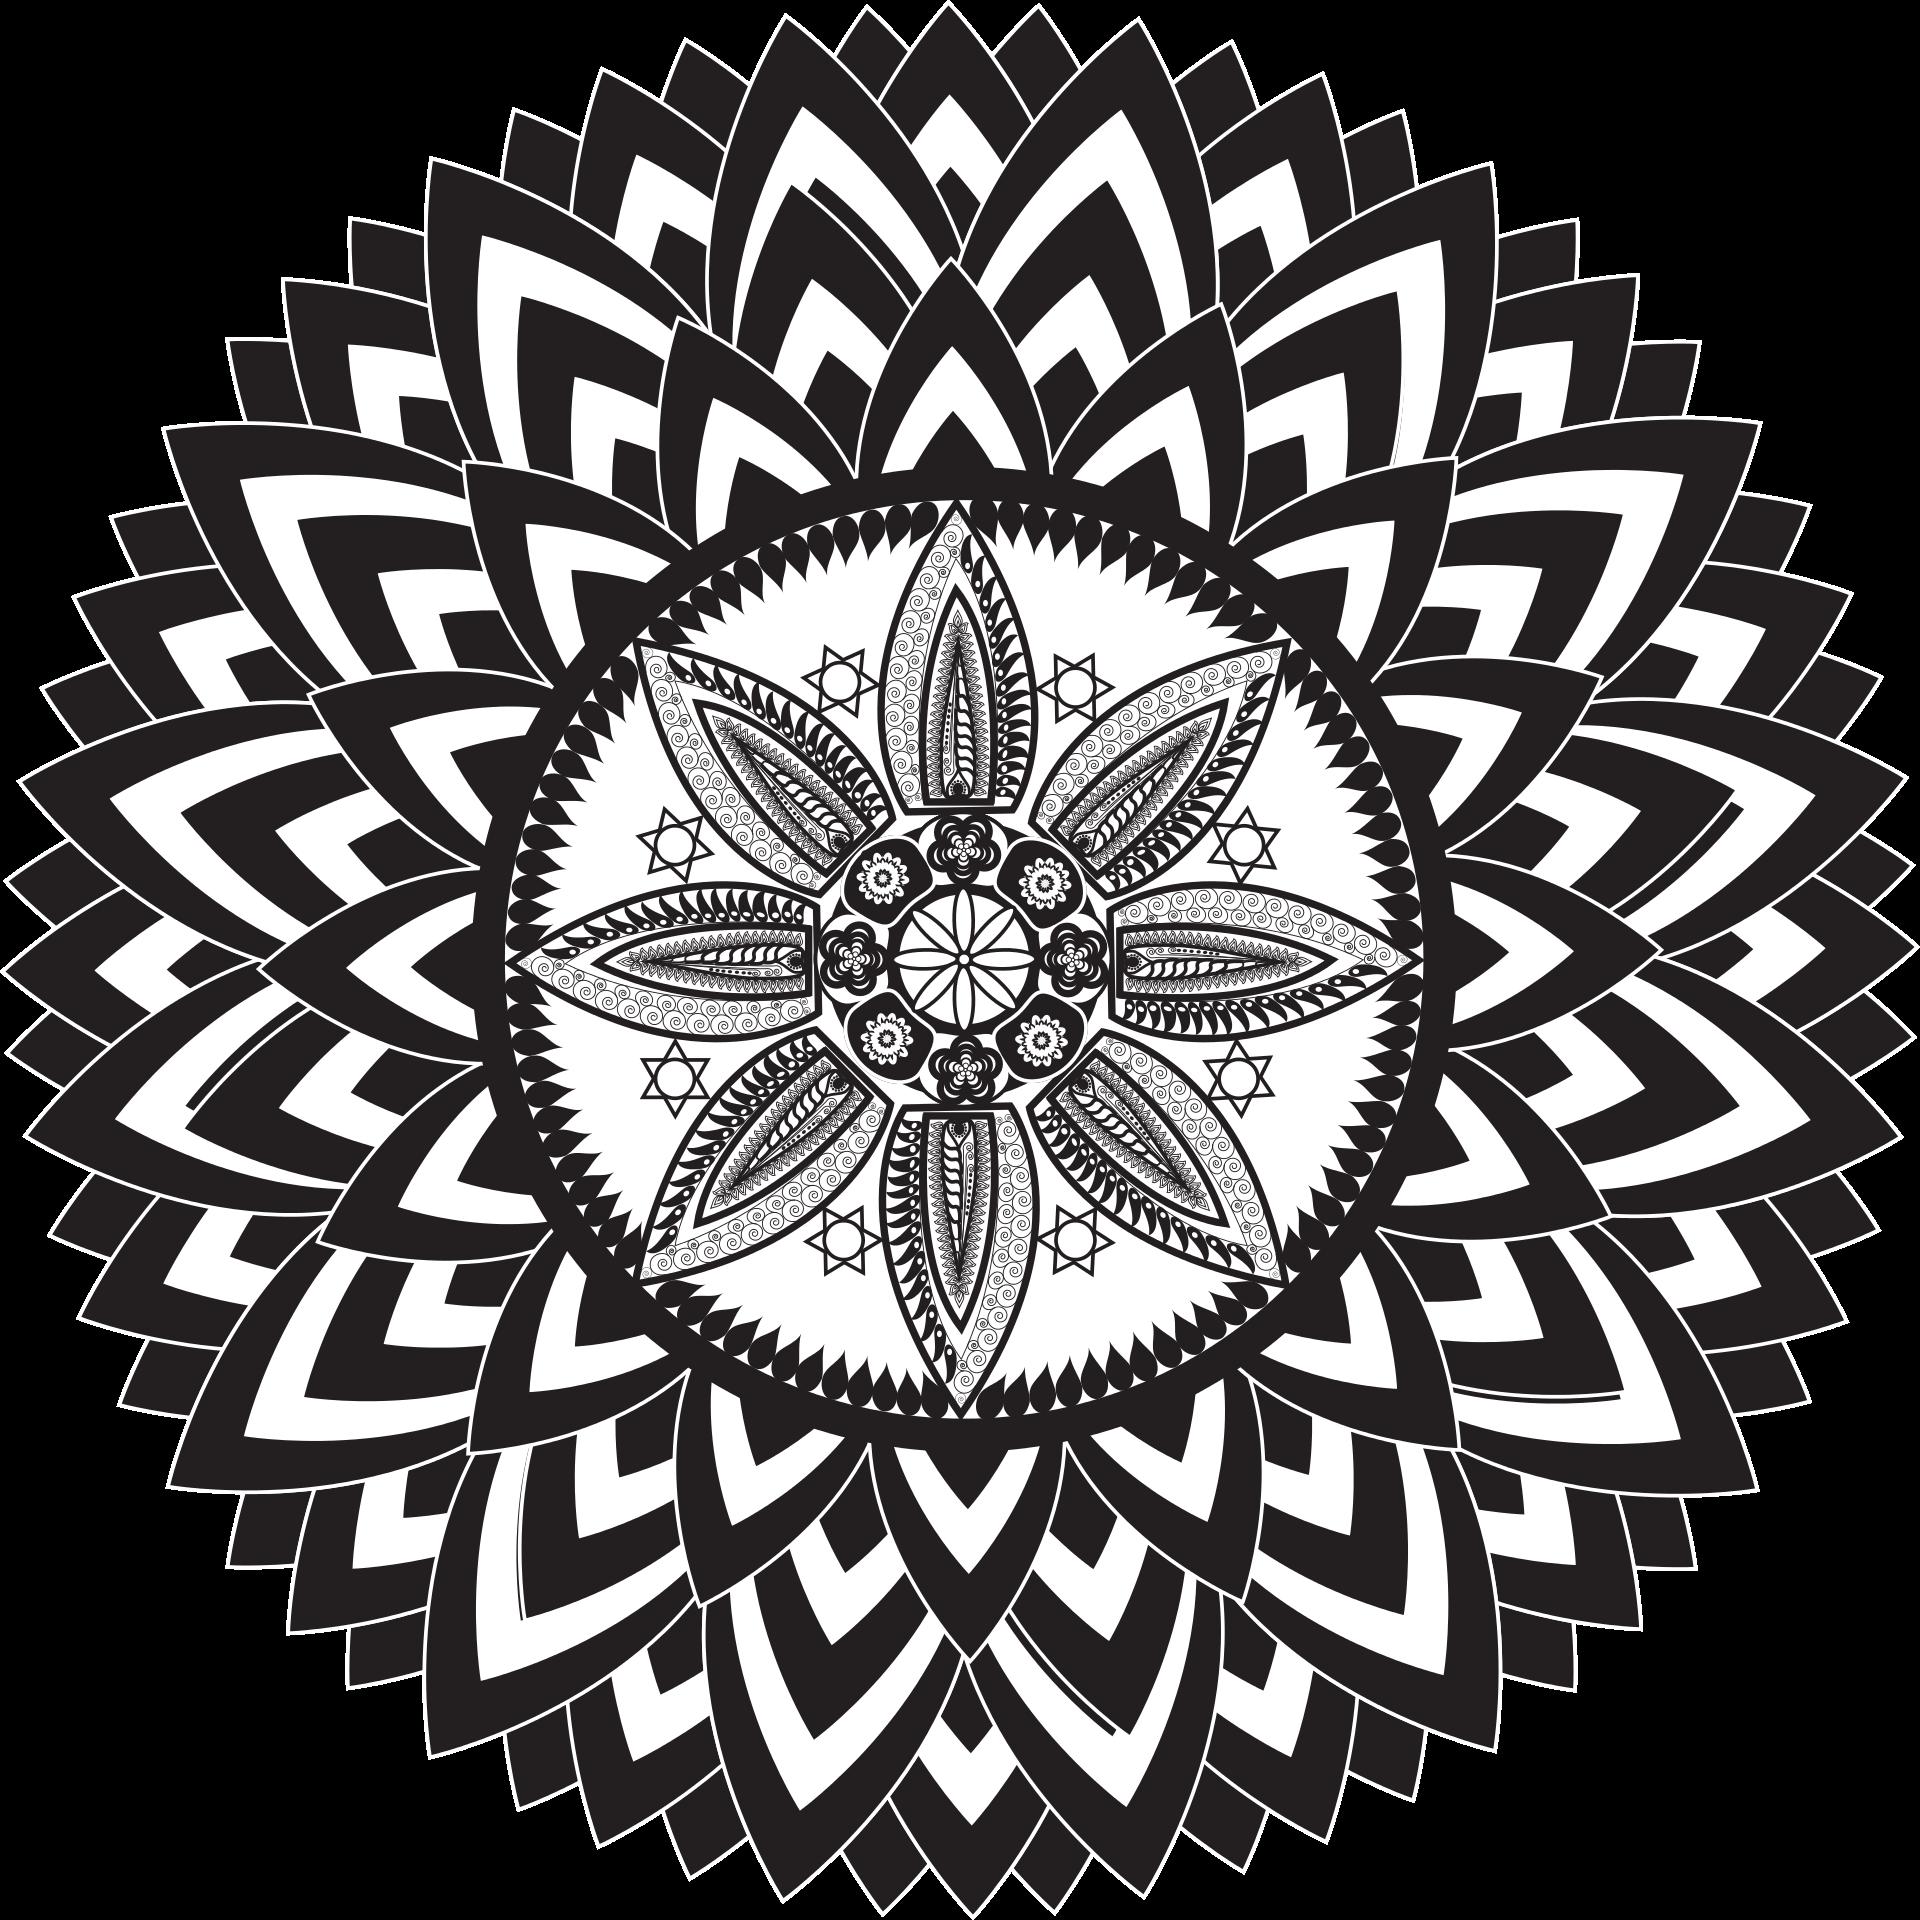 Kostenlose Malvorlagen zum herunterladen Mandala Vorlage